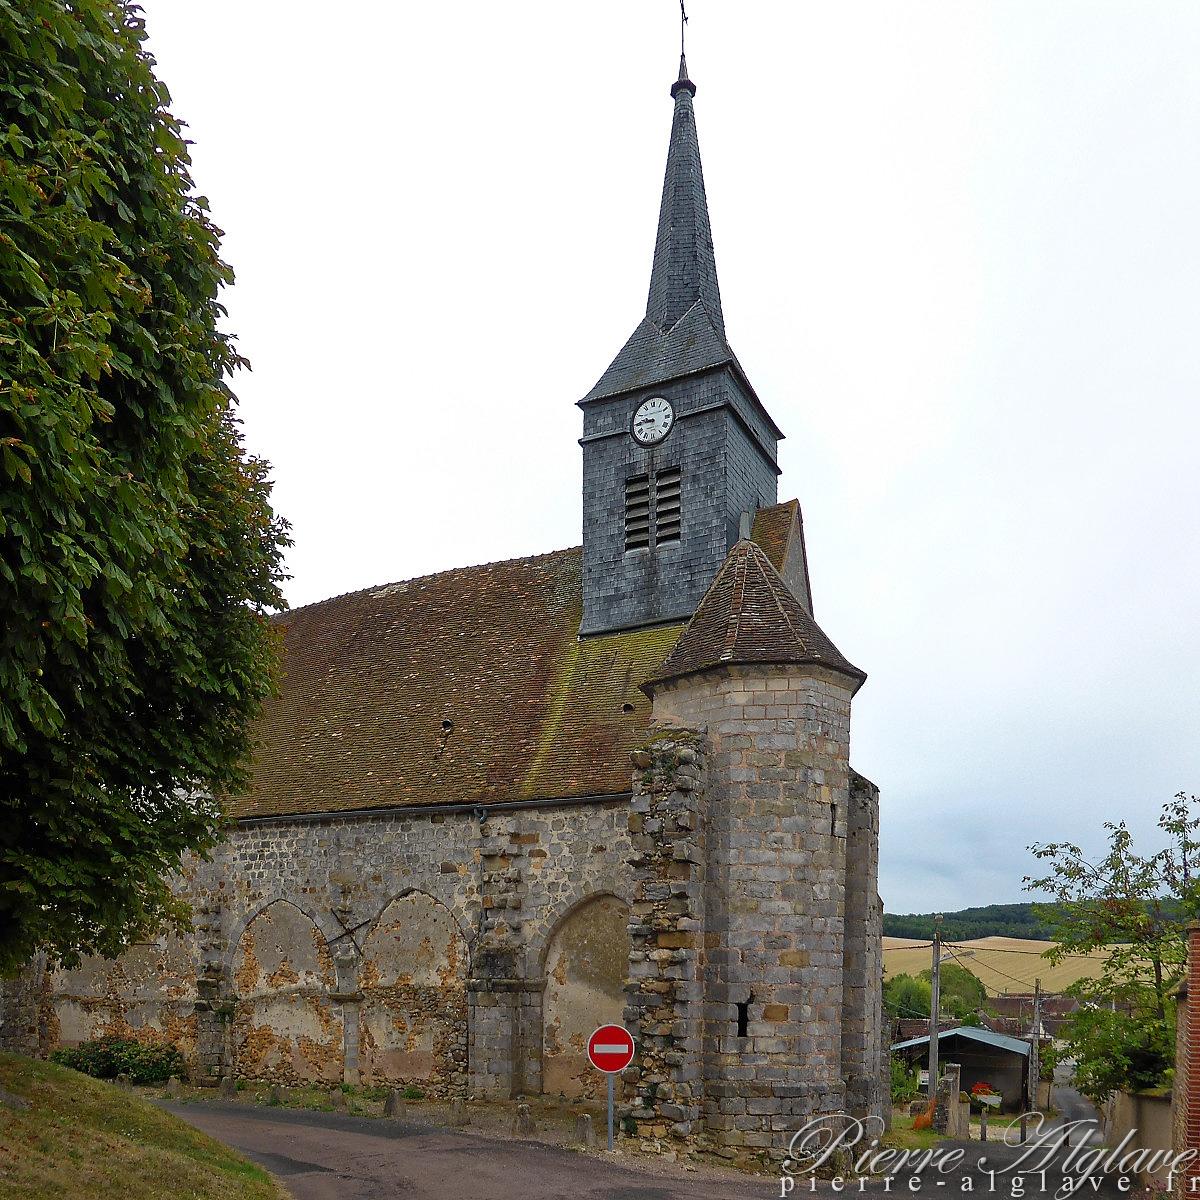 Saint-Martin-sur-Oreuse